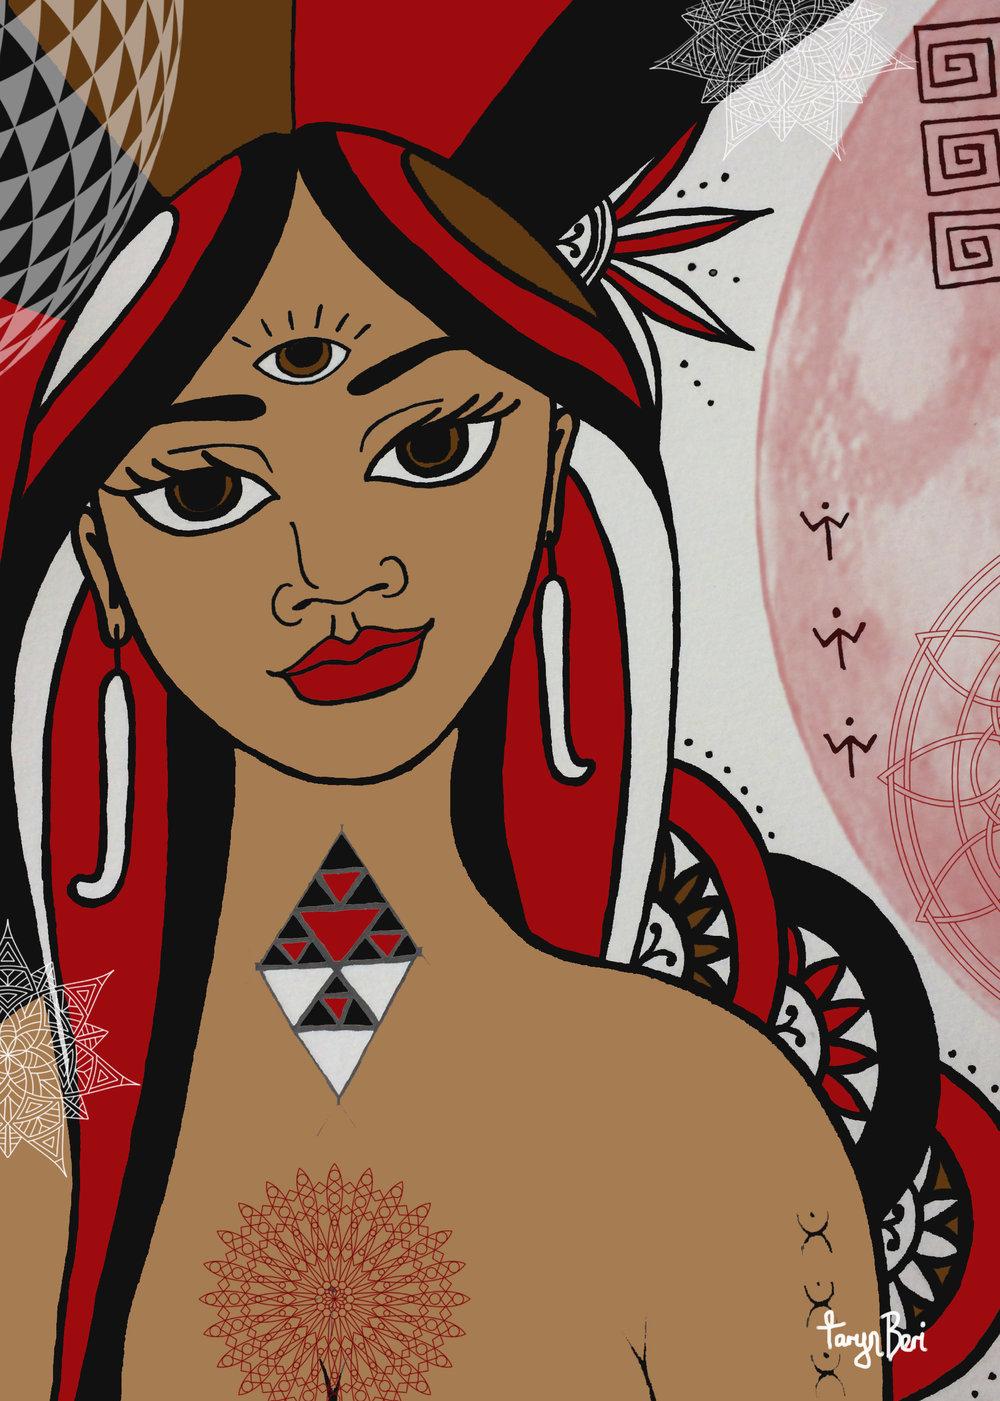 maori angel oracle buy art mana wahine toa spiritual